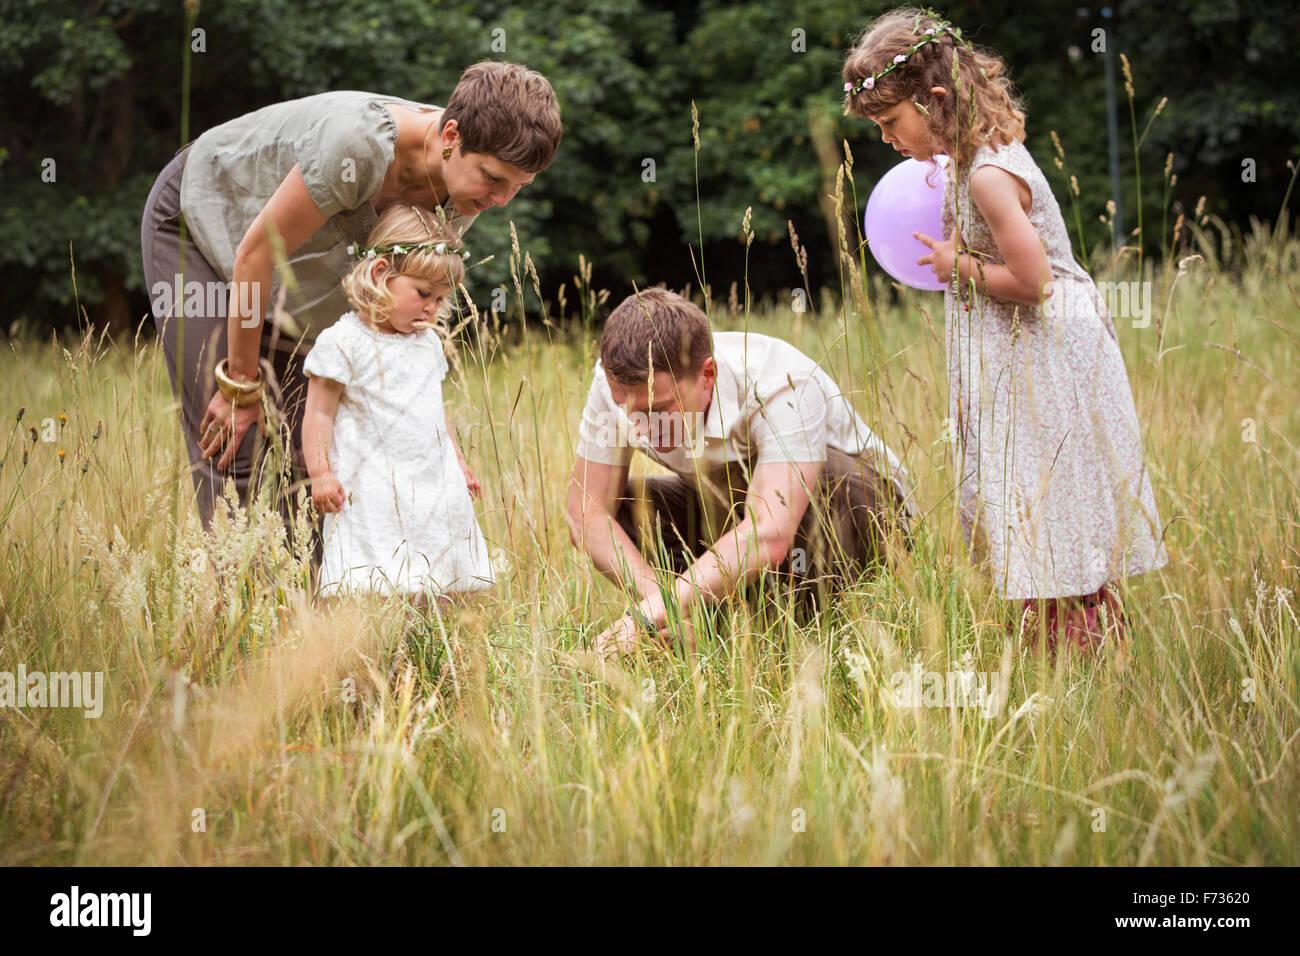 Famille avec deux enfants qui jouent dans un pré. Photo Stock